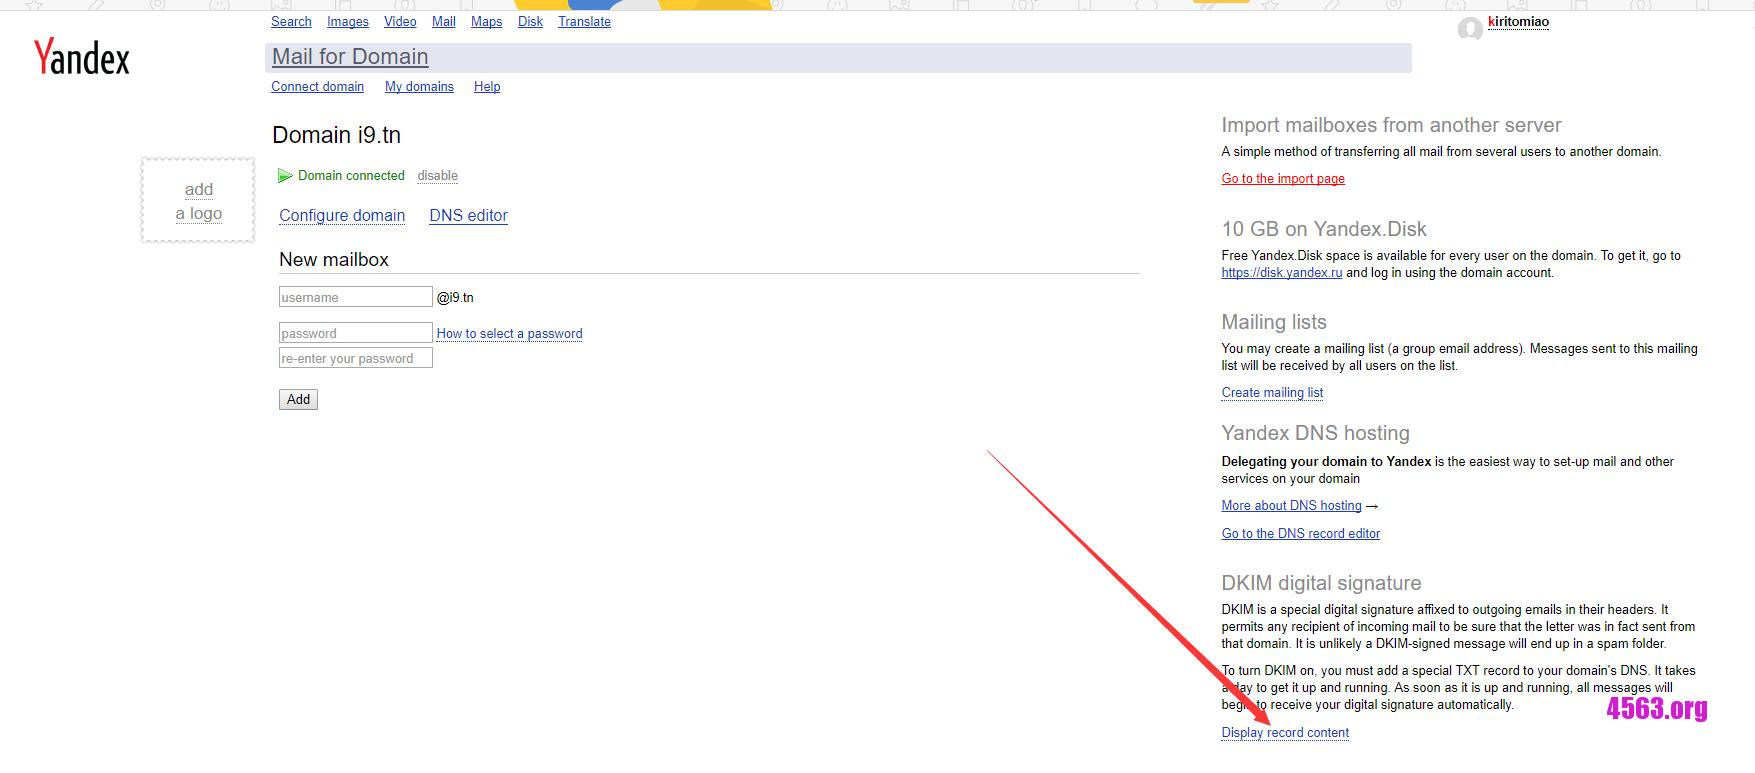 《免費郵箱Yandex Mail , 可以設置自己域名~》